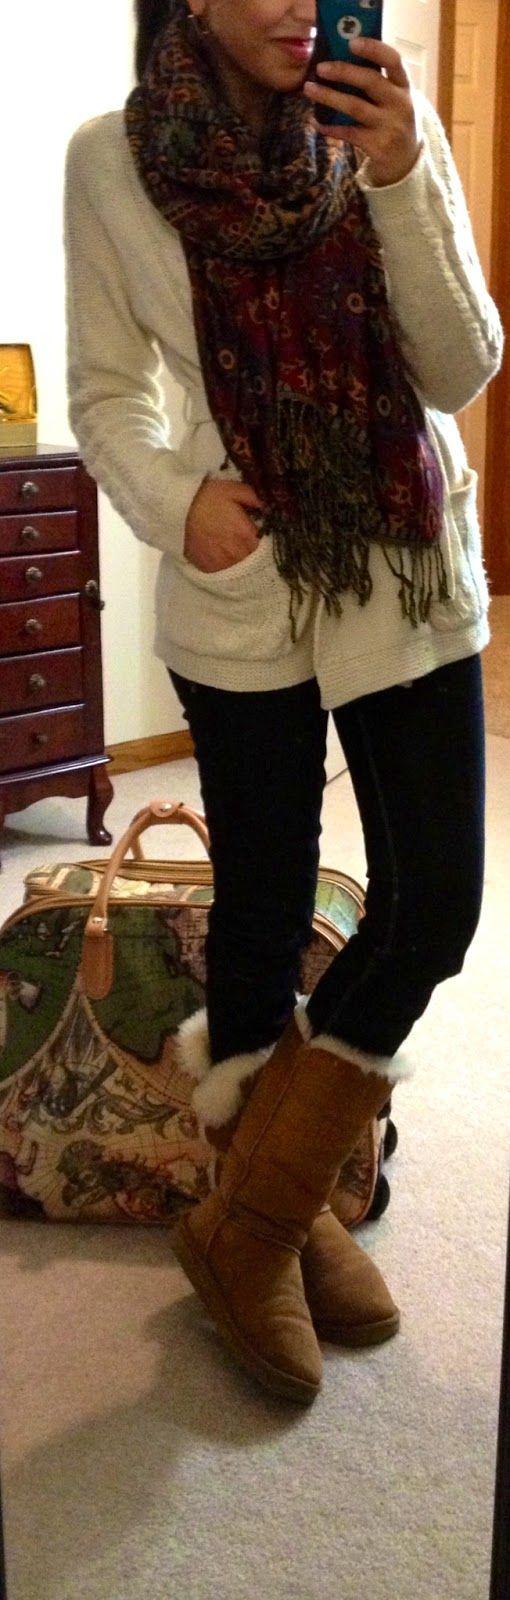 F21 Wrap Sweater Express Zelda Skinny Jeans Ugg Bailey